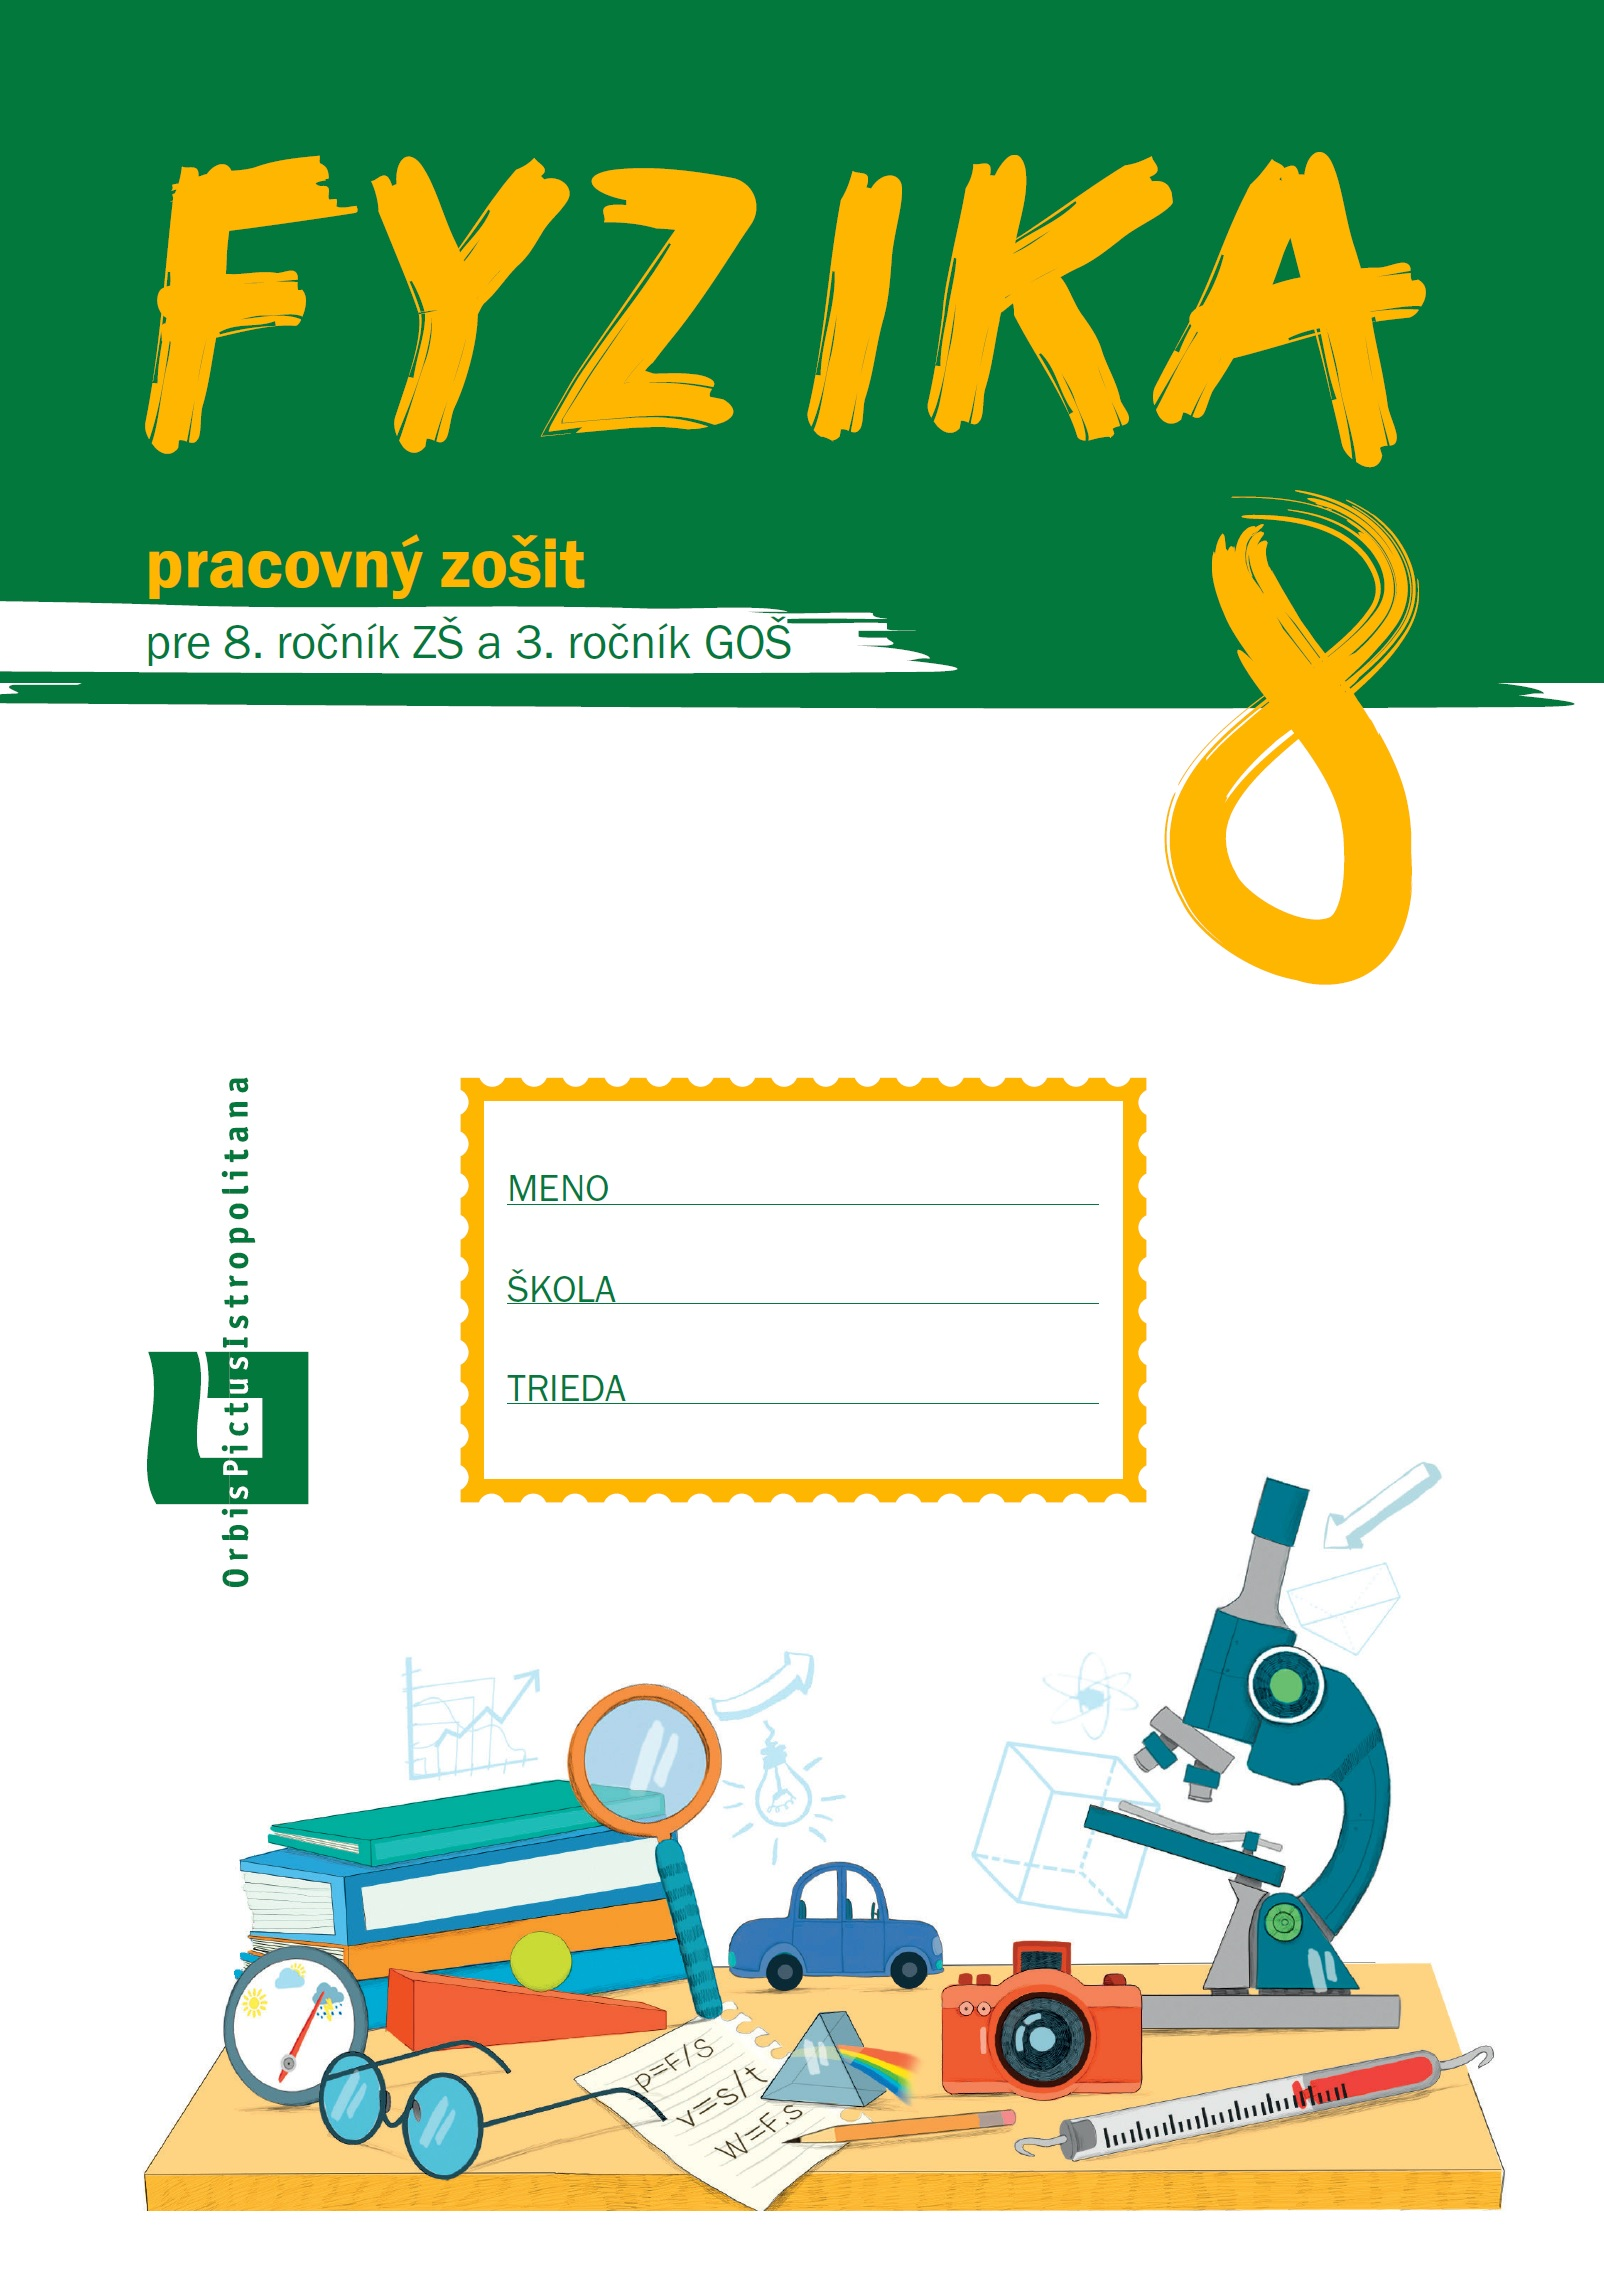 Náhľad: Fyzika pre 8. roč. ZŠ a 3. roč. GOŠ - pracovný zošit